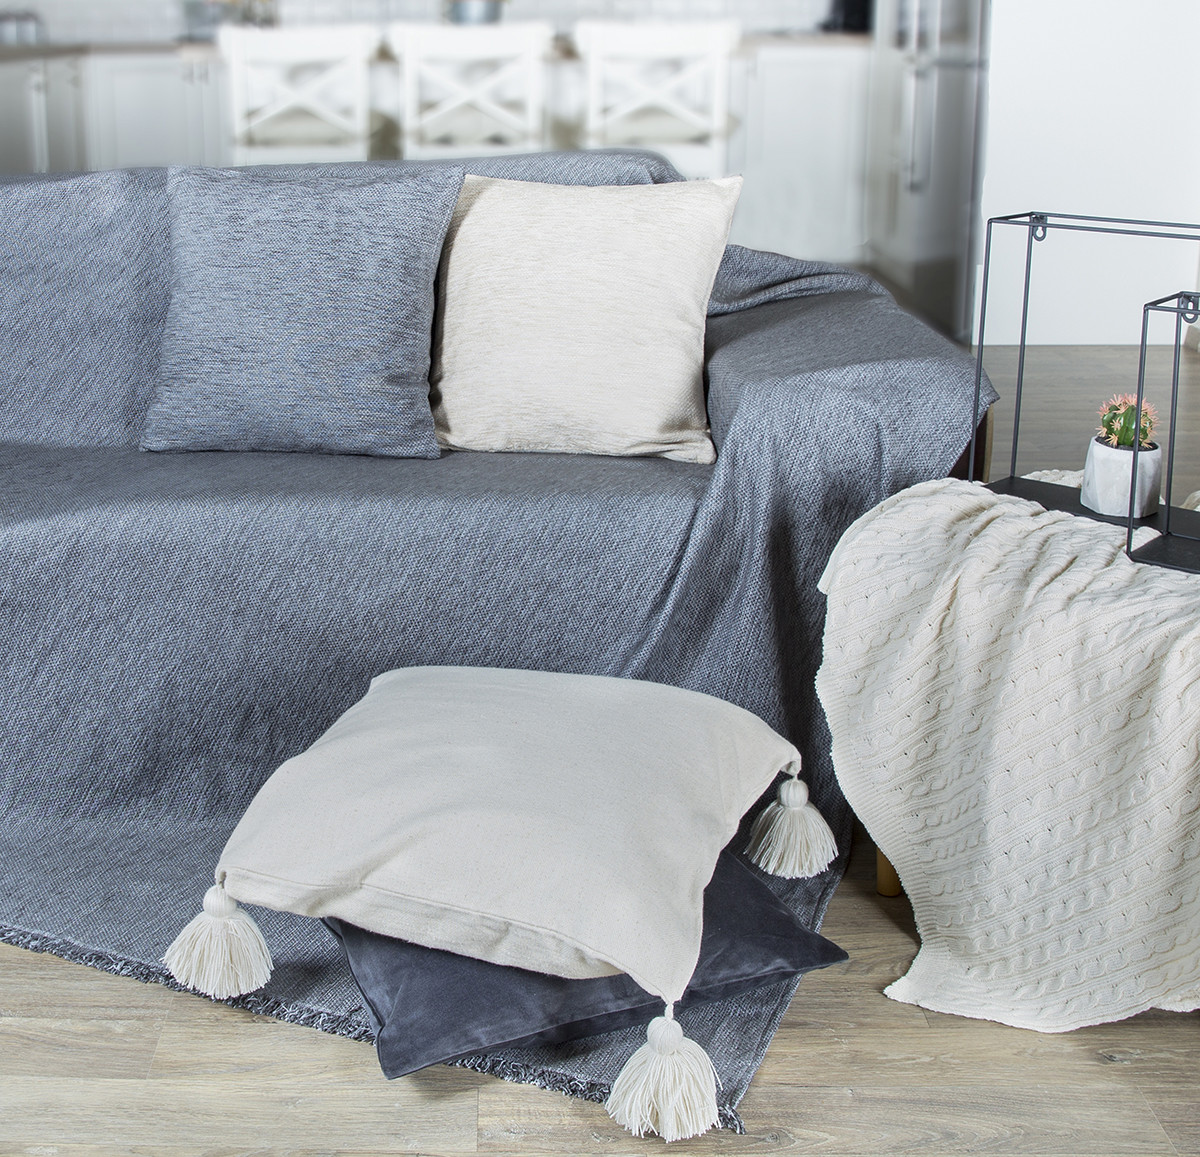 Ριχτάρι Τετραθέσιου (180×350) Loom To Room Miski Grey